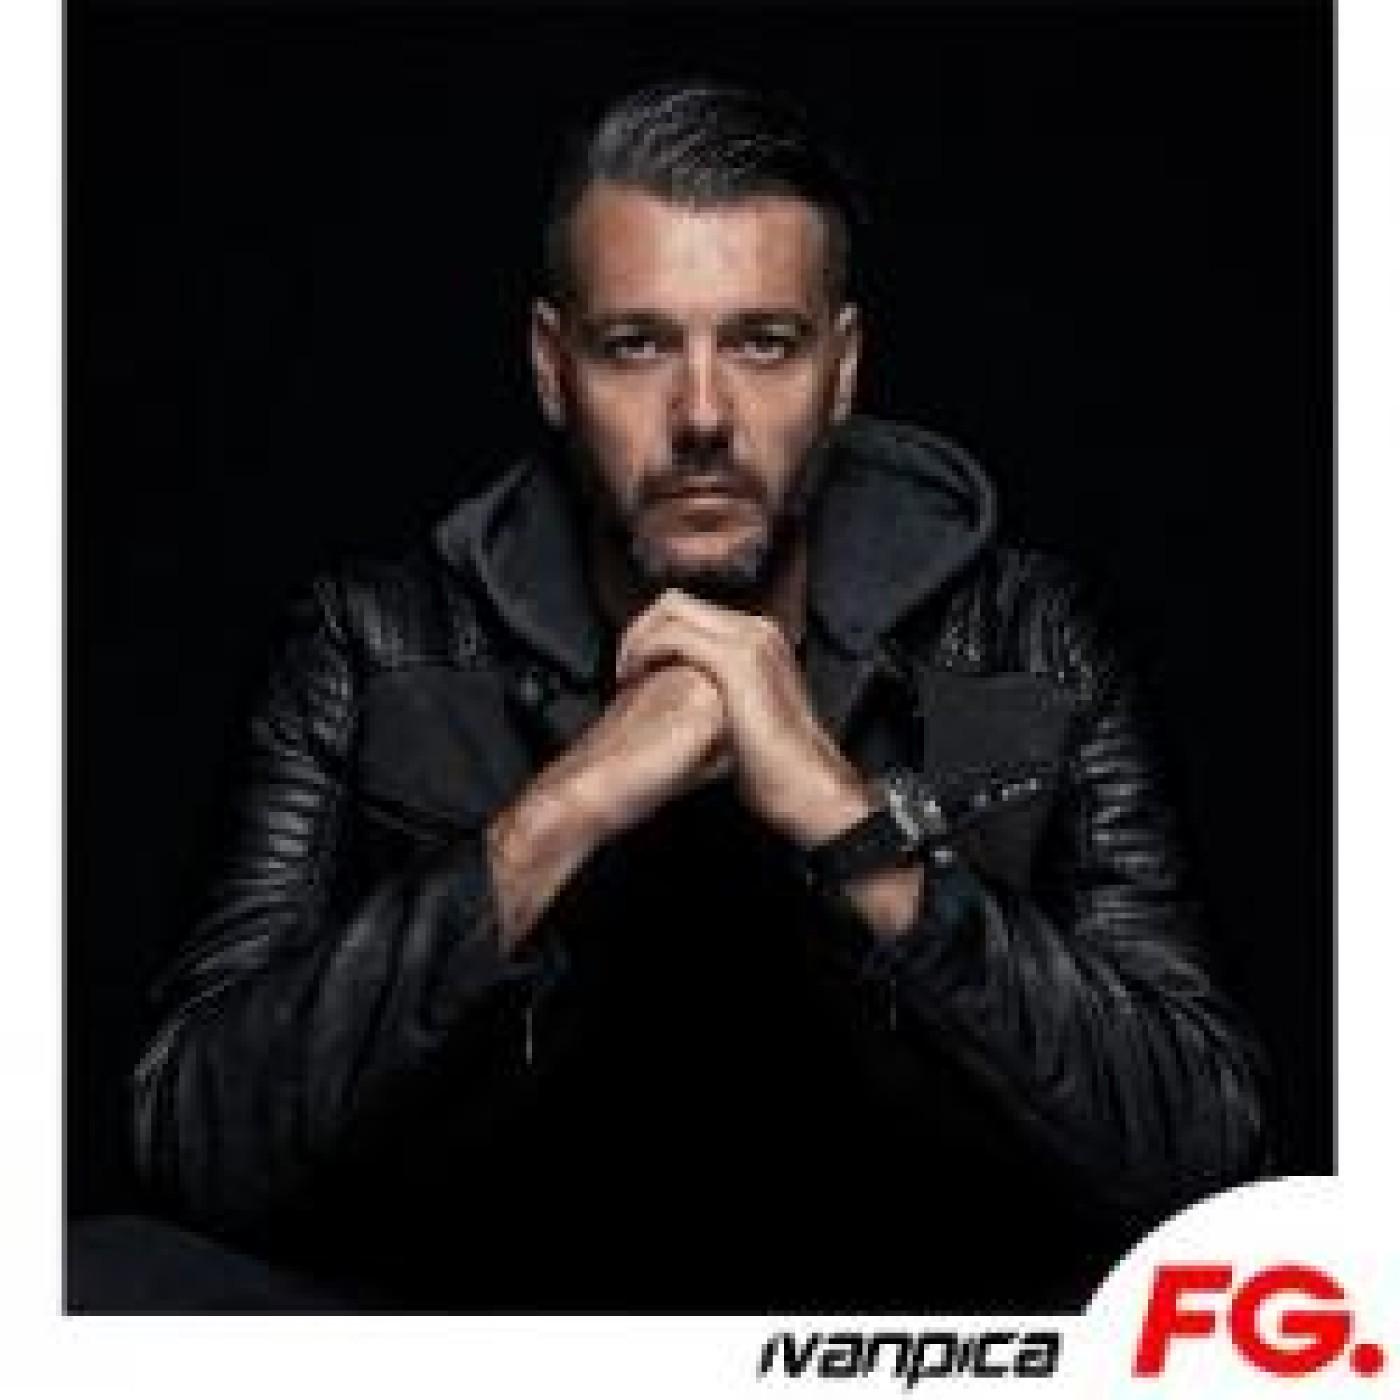 CLUB FG : IVAN PICA